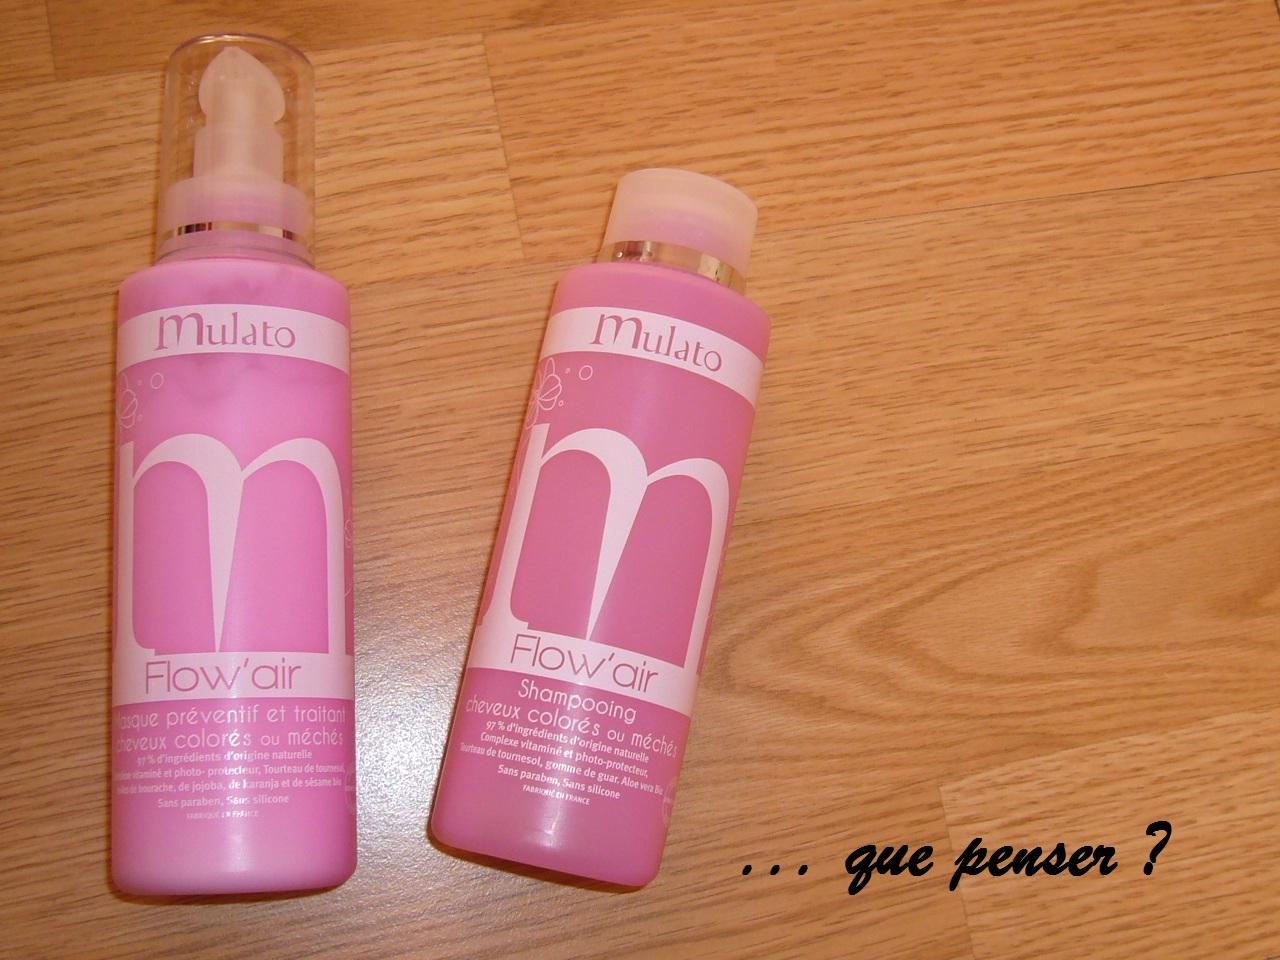 jai reu donc de la marque mulato deux produits de la gamme flowair un shampoing cheveux colors ou mchs et un masque prventif traitant cheveux - Shampoing Cheveux Colors Sans Silicone